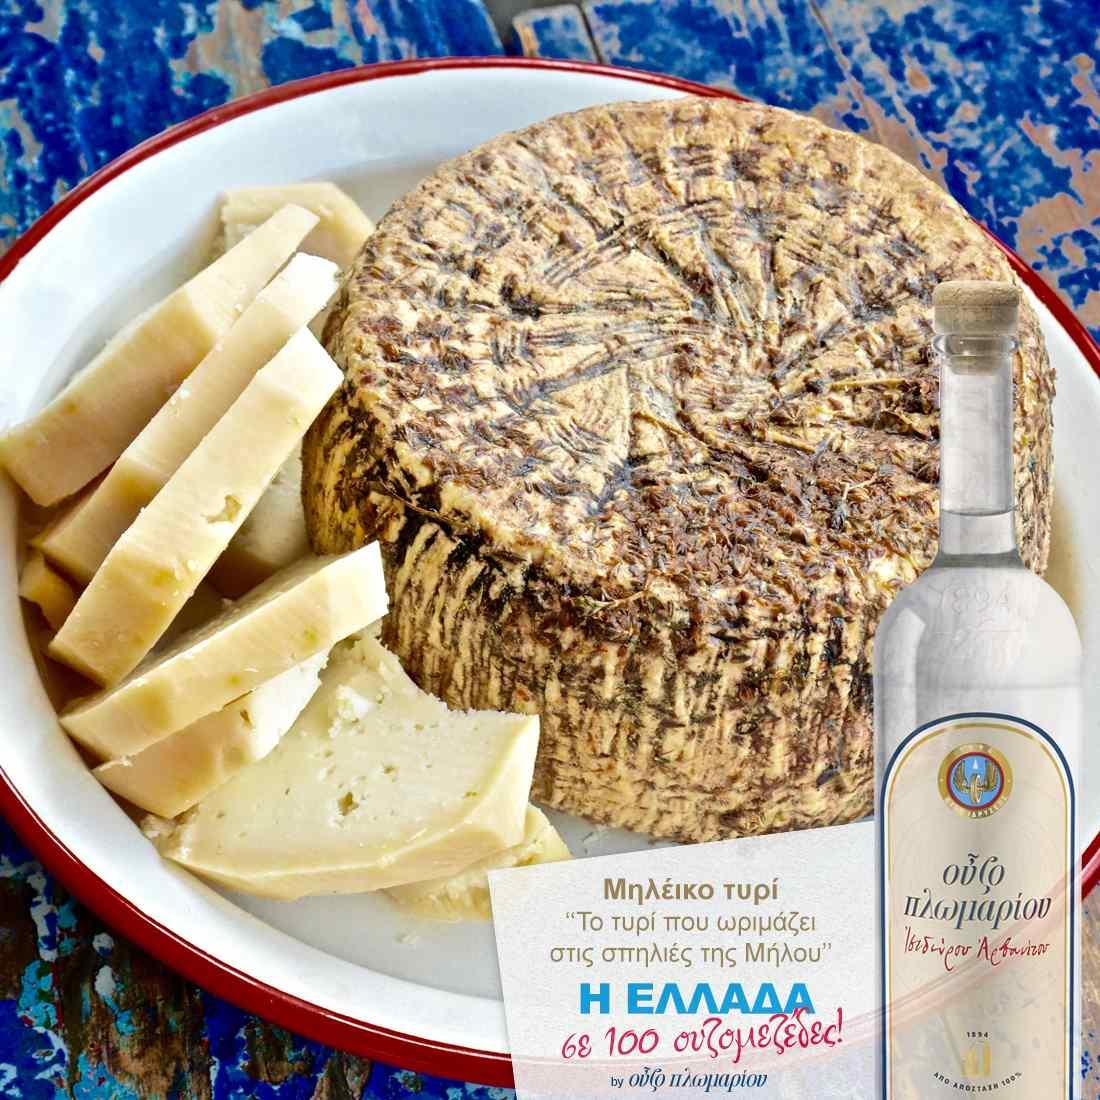 Μηλέικο τυρί - Ουζομεζέδες - Greek Gastronomy Guide